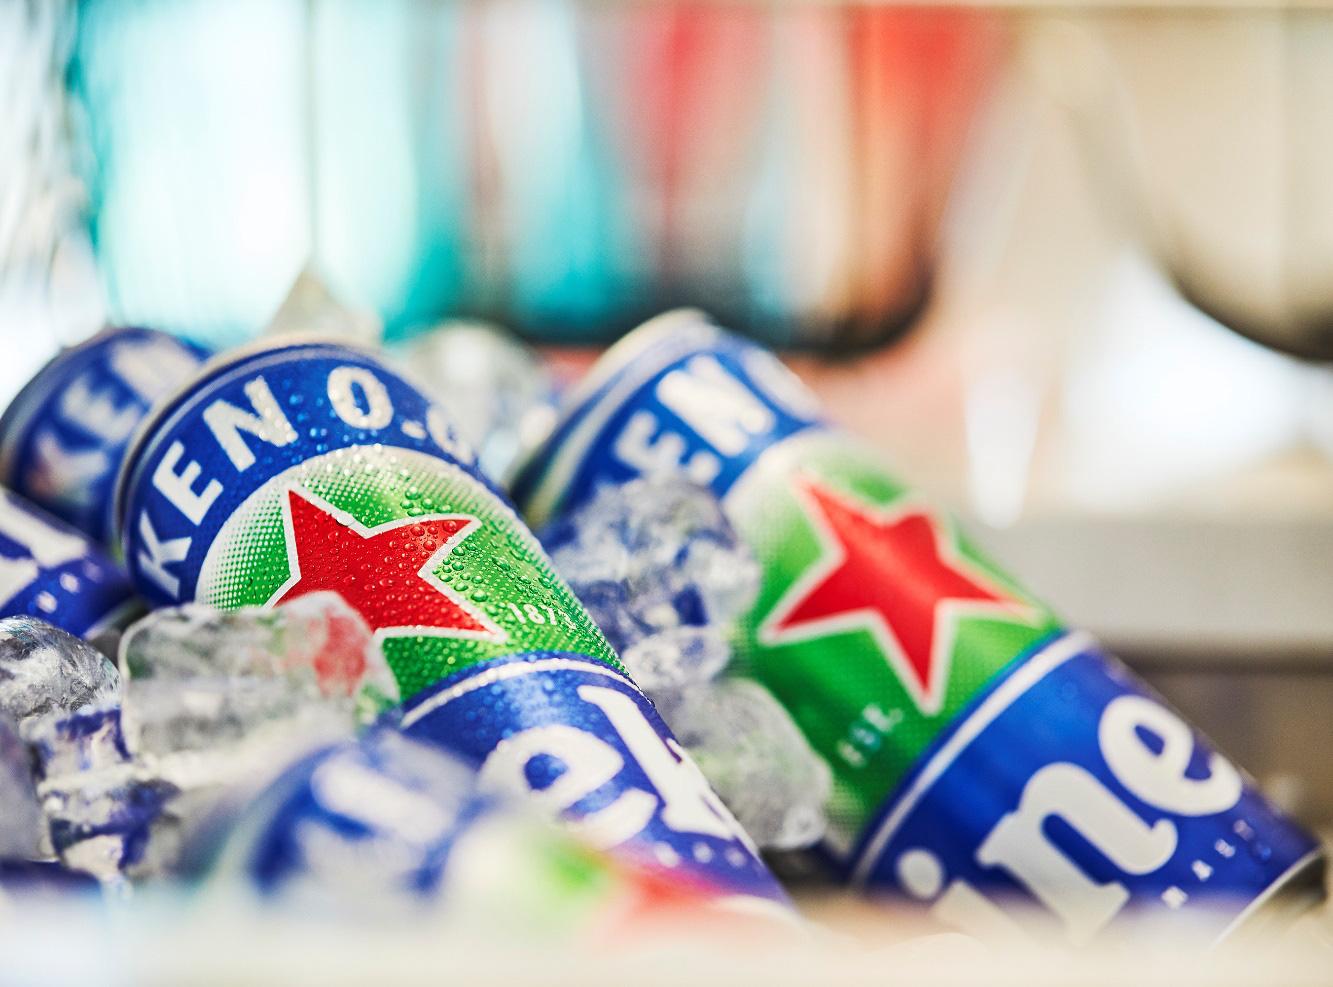 Heineken ra mắt bia 0 độ, truyền cảm hứng đến giới trẻ Việt qua chiến dịch #NowYouCan - Không Gì Không Thể - Ảnh 2.